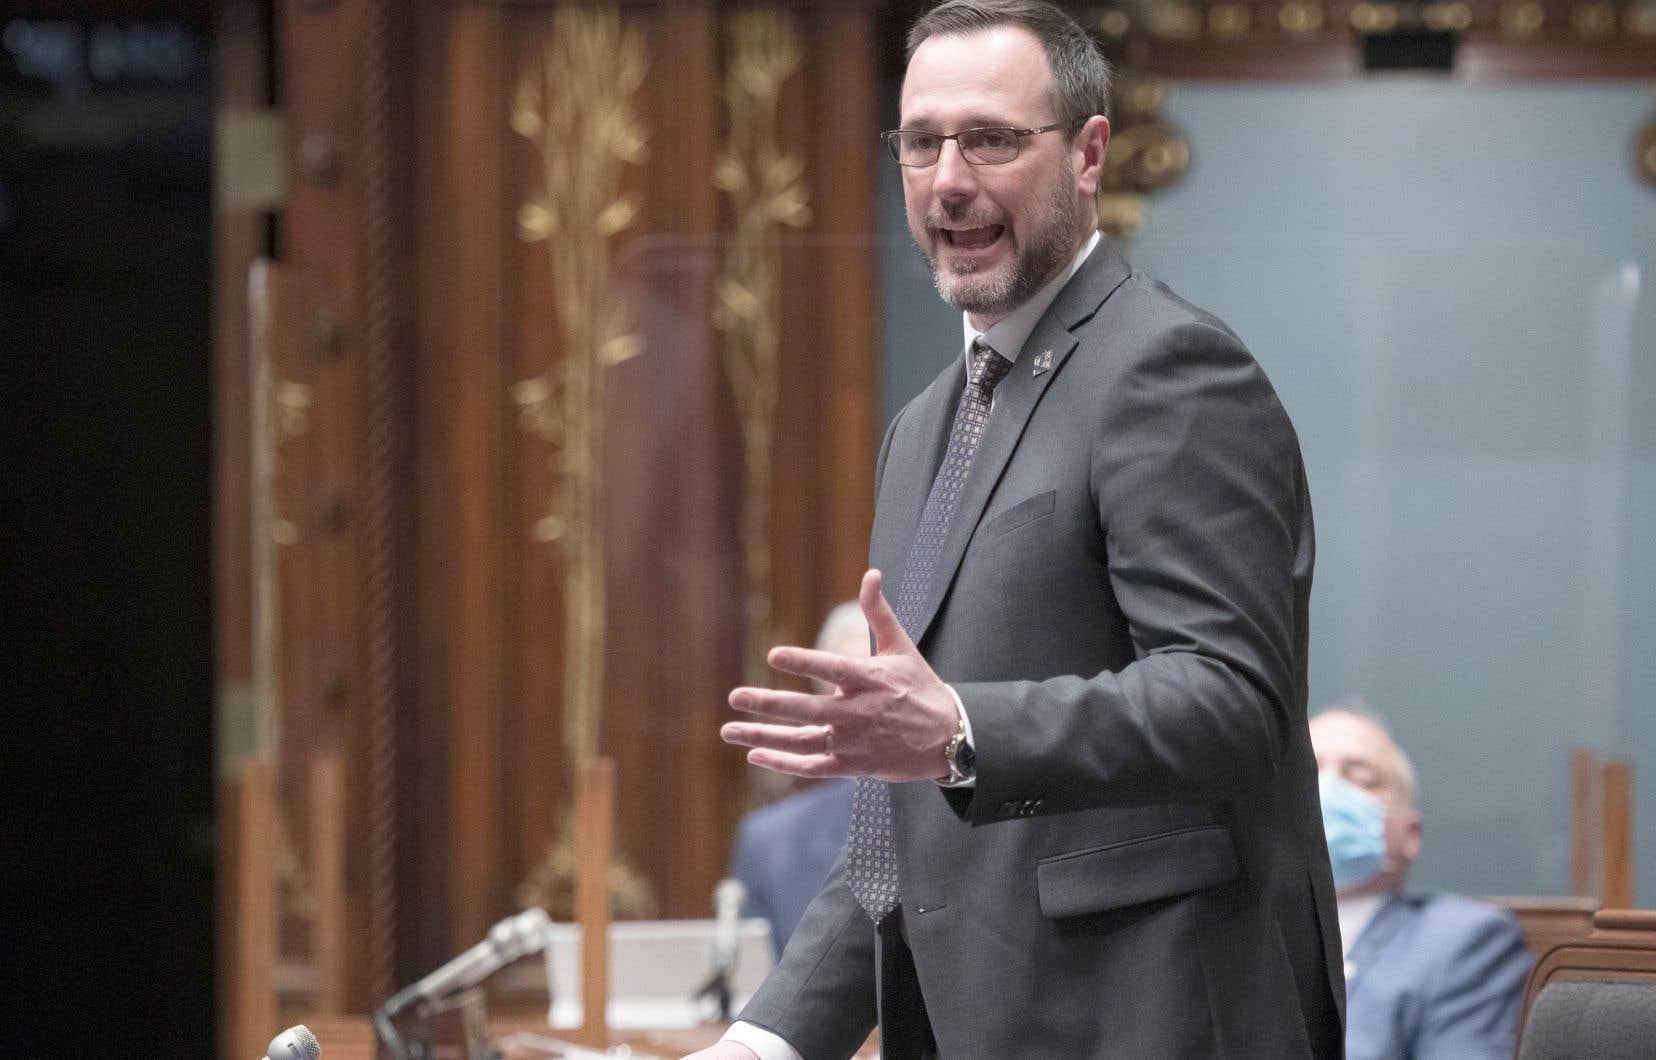 Que le ministre Jean-François Roberge ait raison ou non sur le fond, un doute a été semé dans la perception du public, estime le professeur Jean Bernatchez.